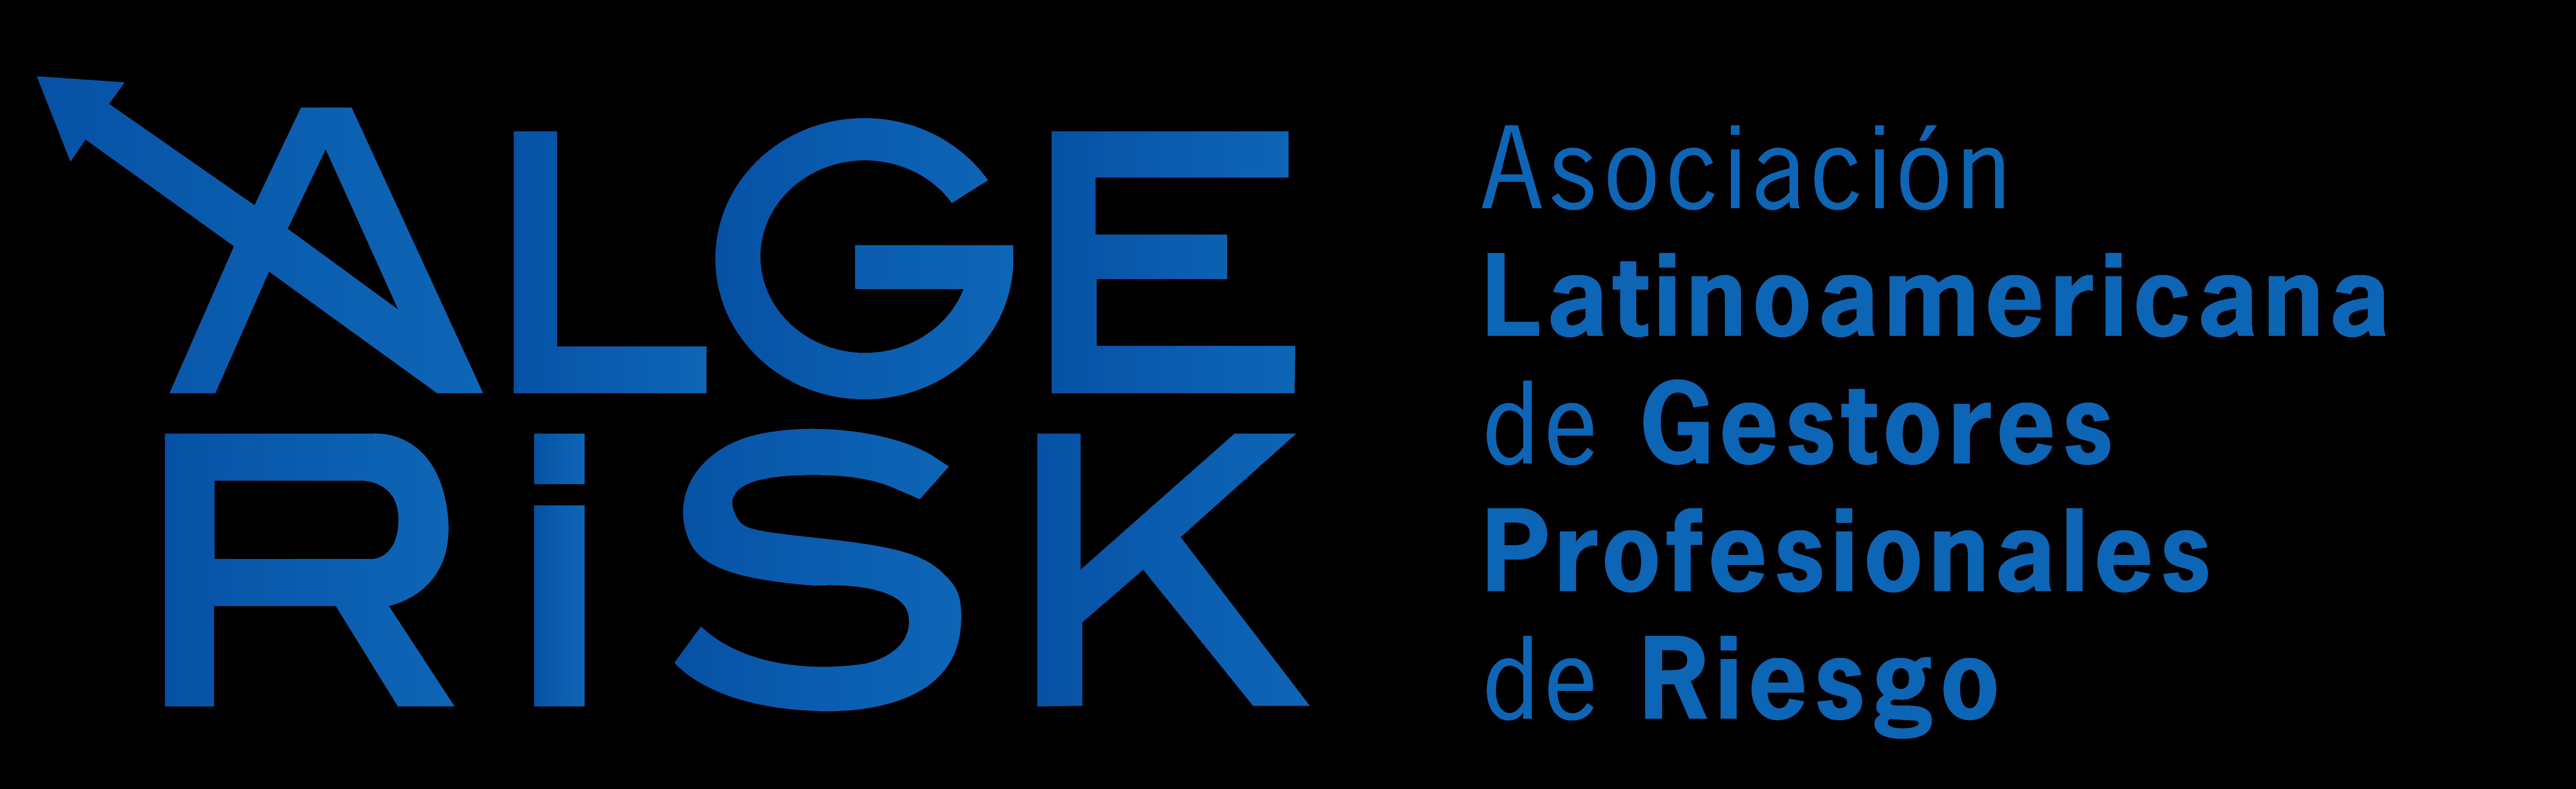 Asociación Latinoamericana de Gestores Profesionales de Riesgos